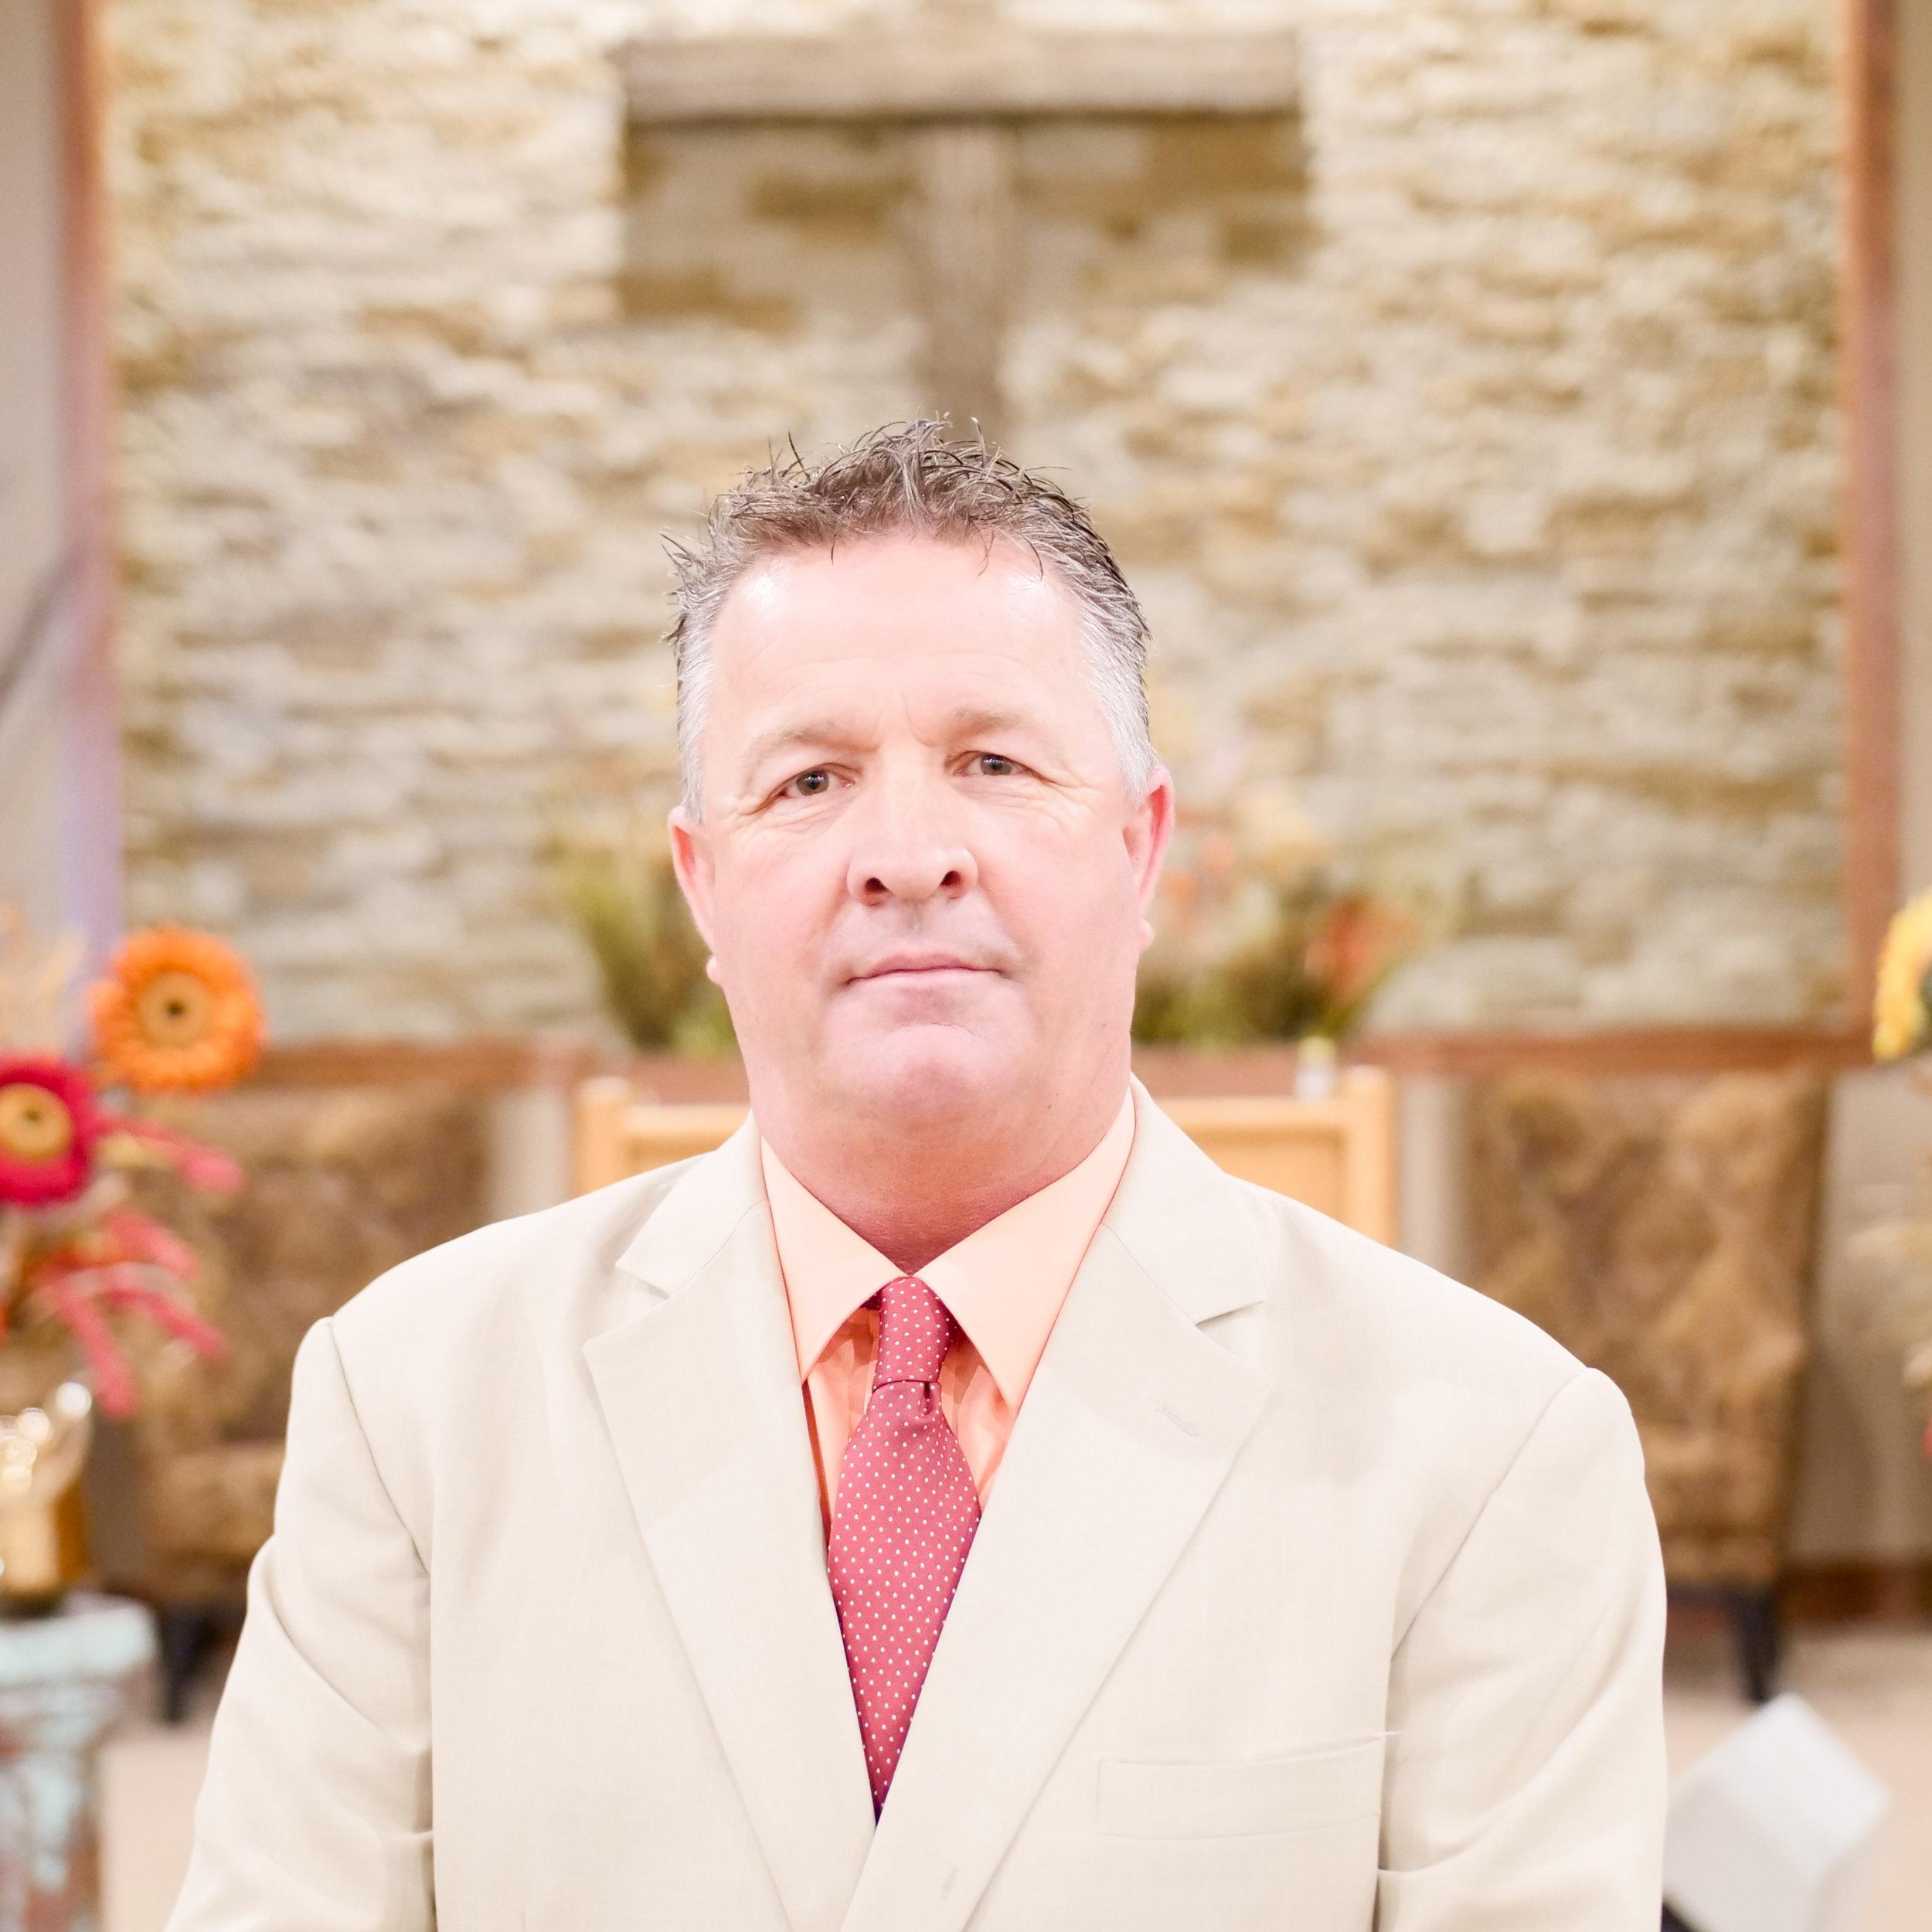 Brad Ledbetter - Visitation Minister